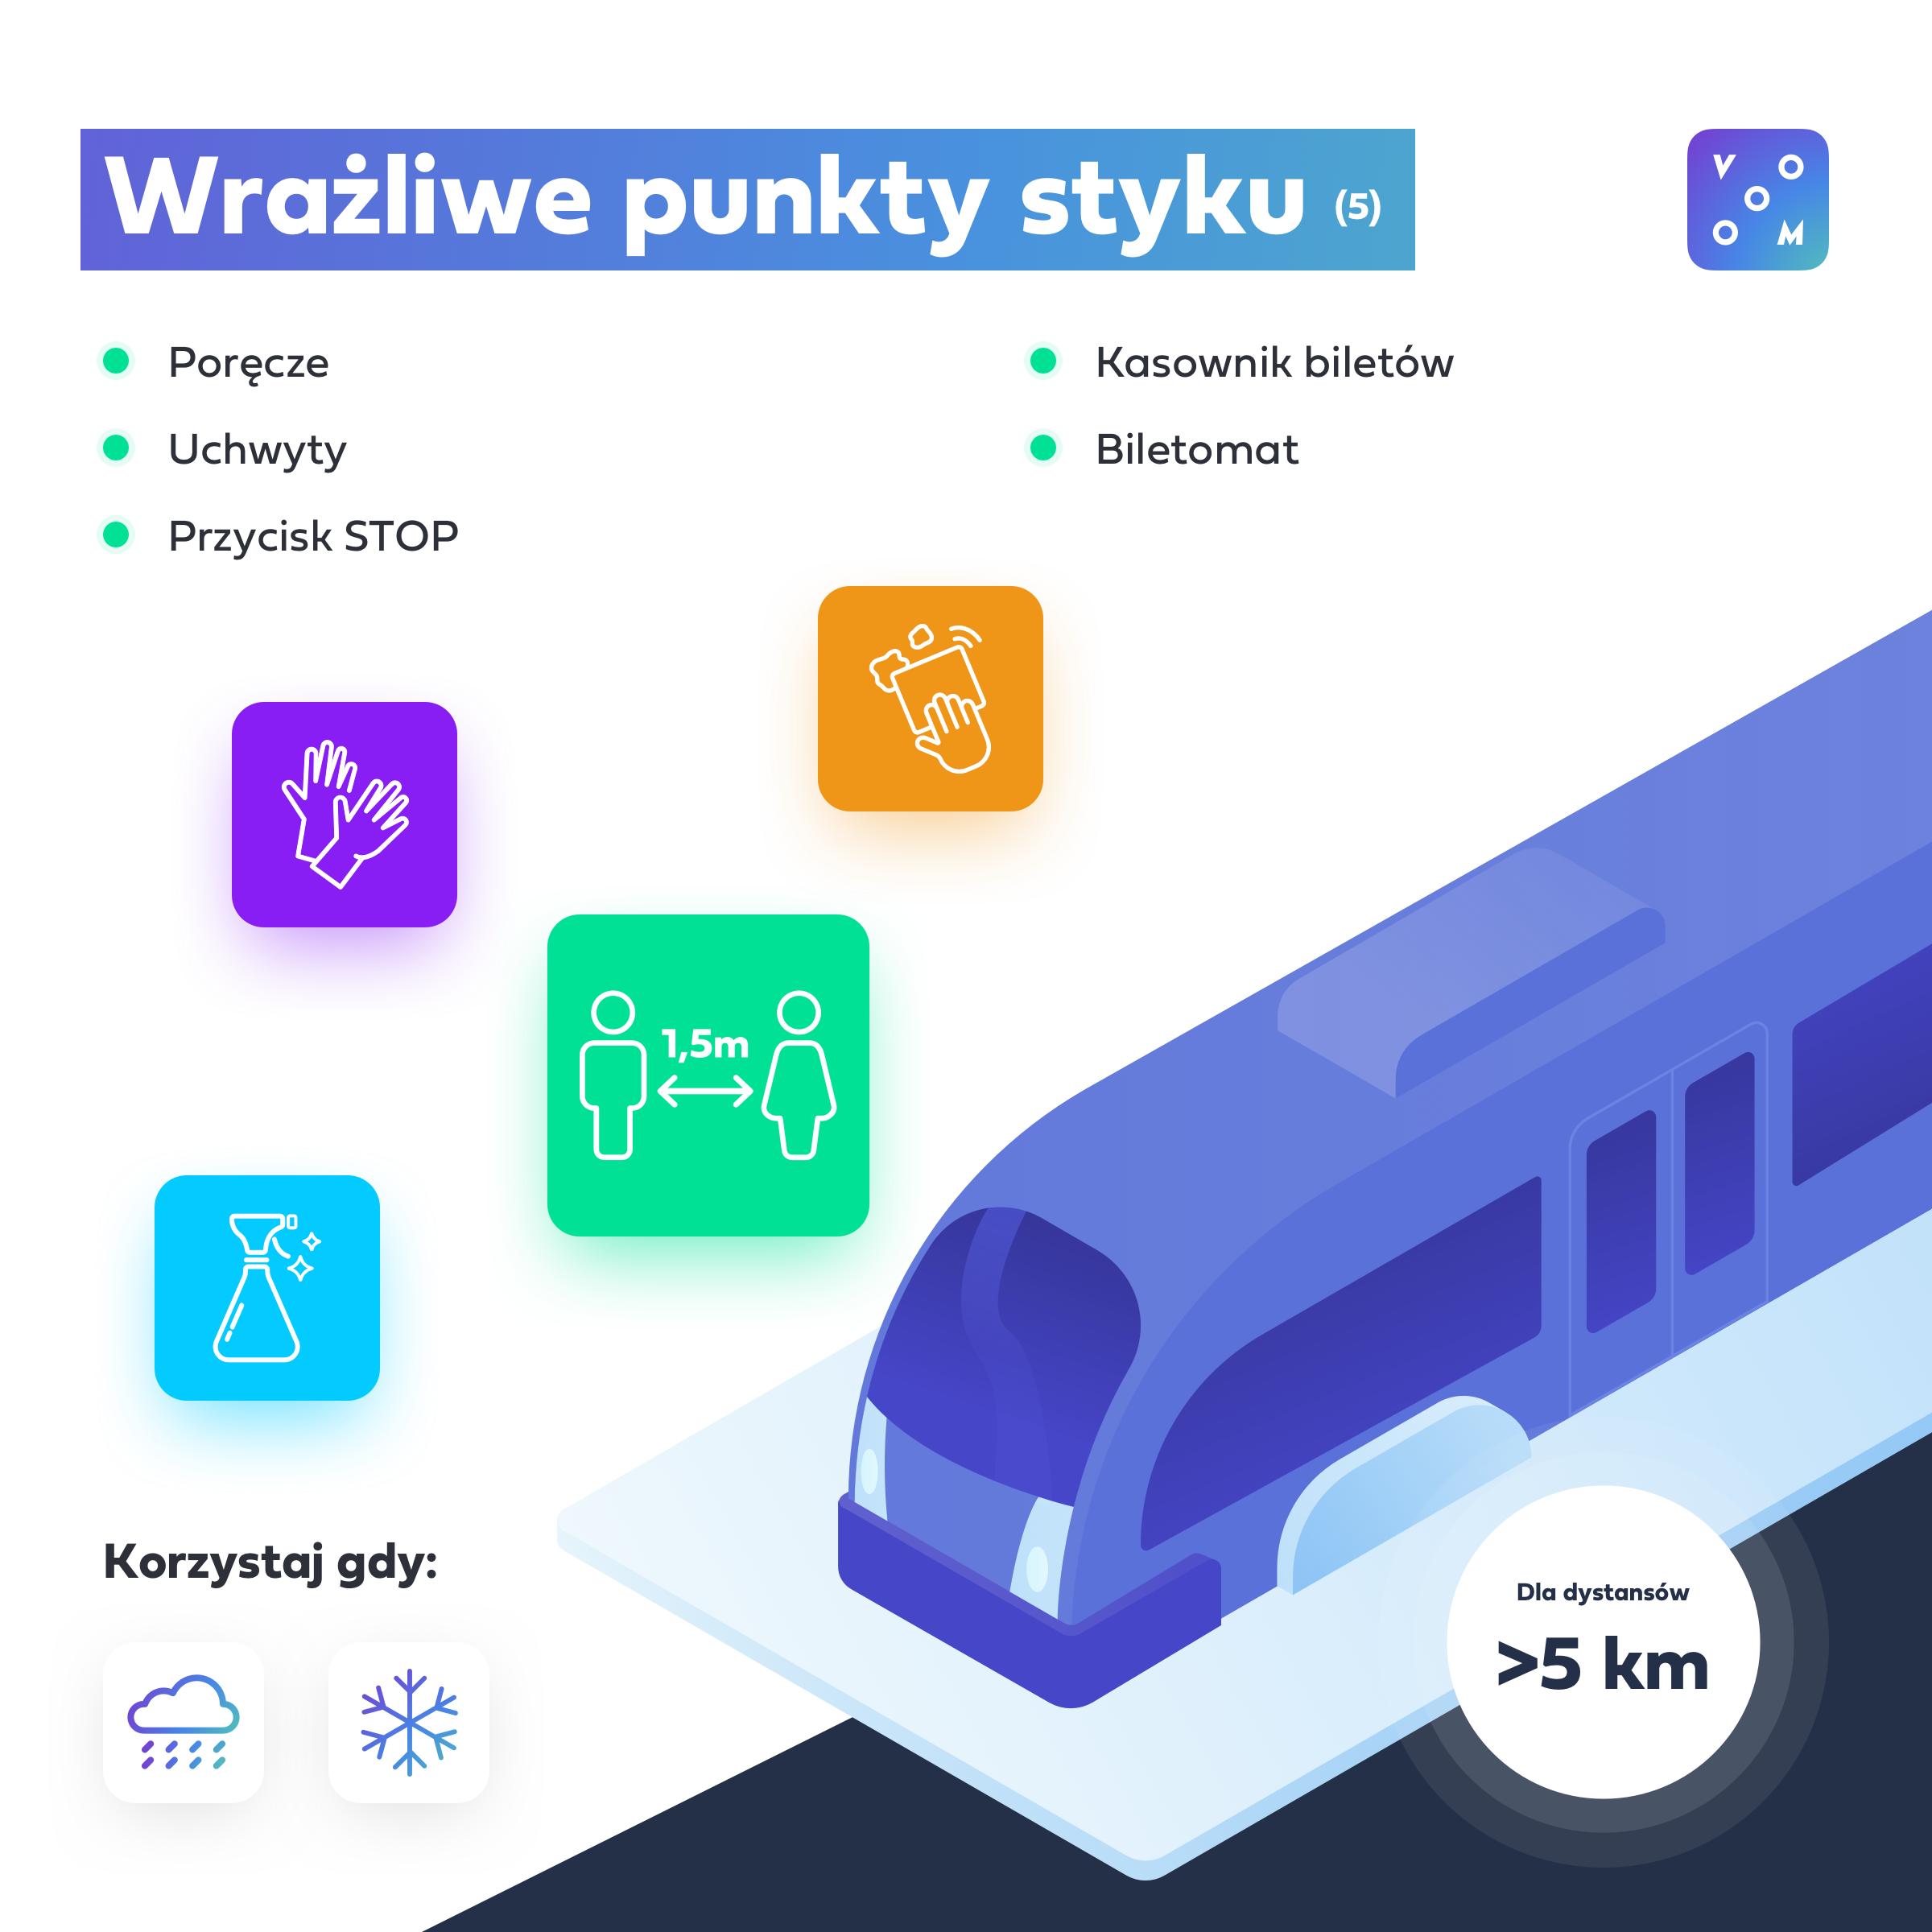 infografika autobus - wrażliwe punkty styku